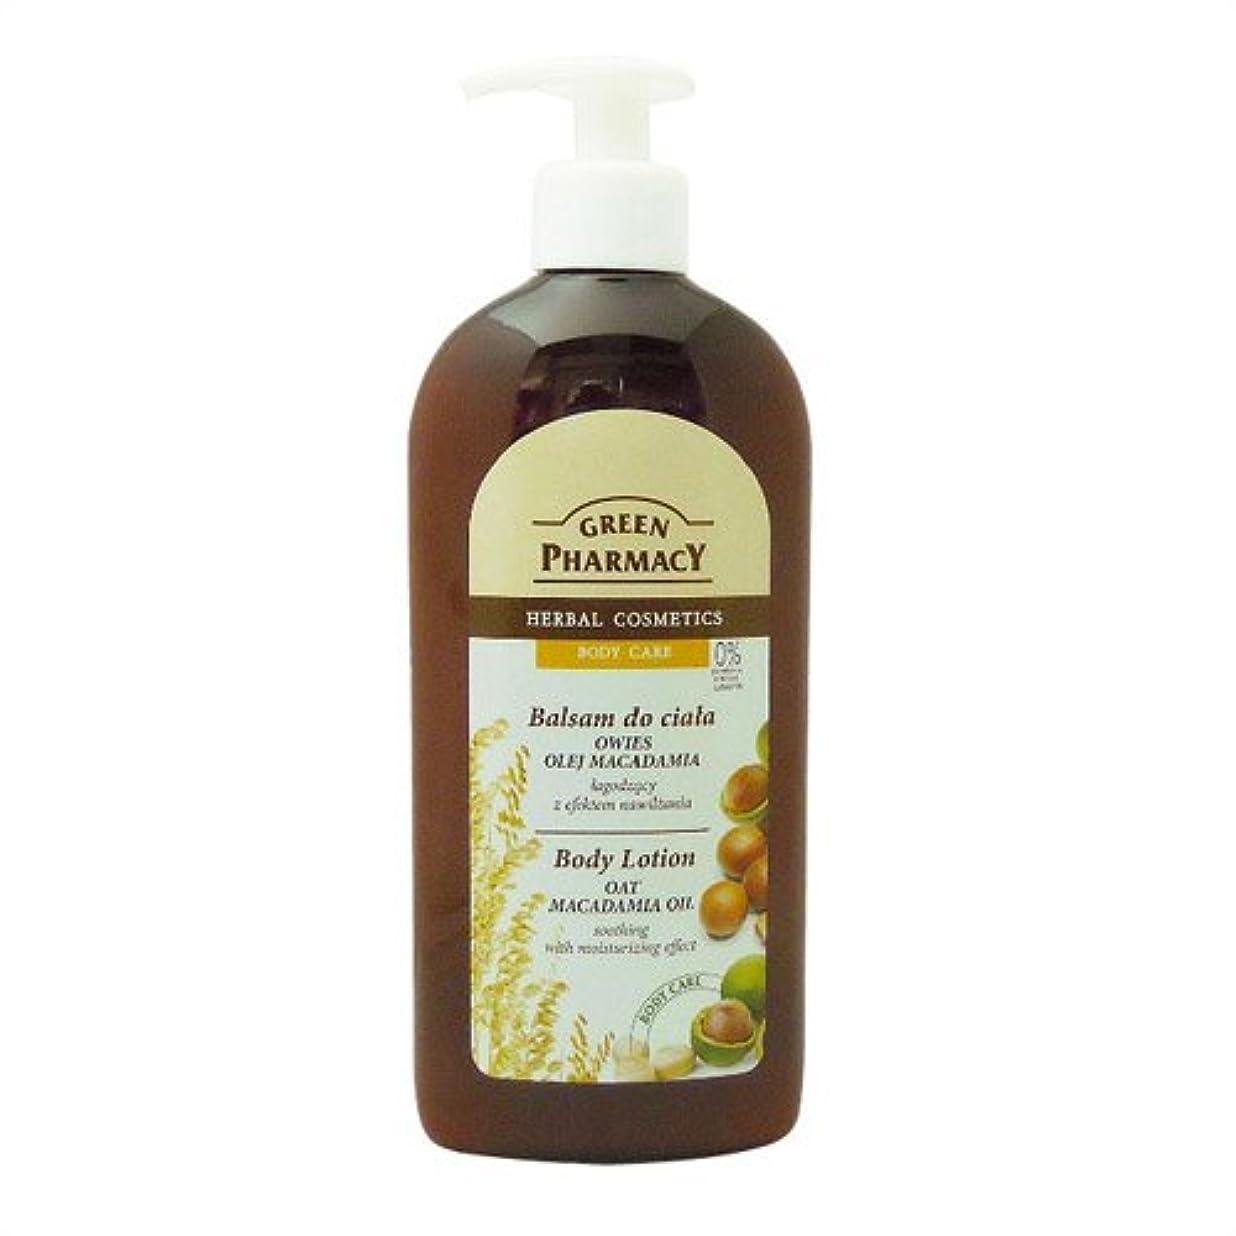 そばにかき混ぜる昇るElfa Pharm Green Pharmacy グリーンファーマシー Body Lotion ボディローション Oat Macadamia Oil